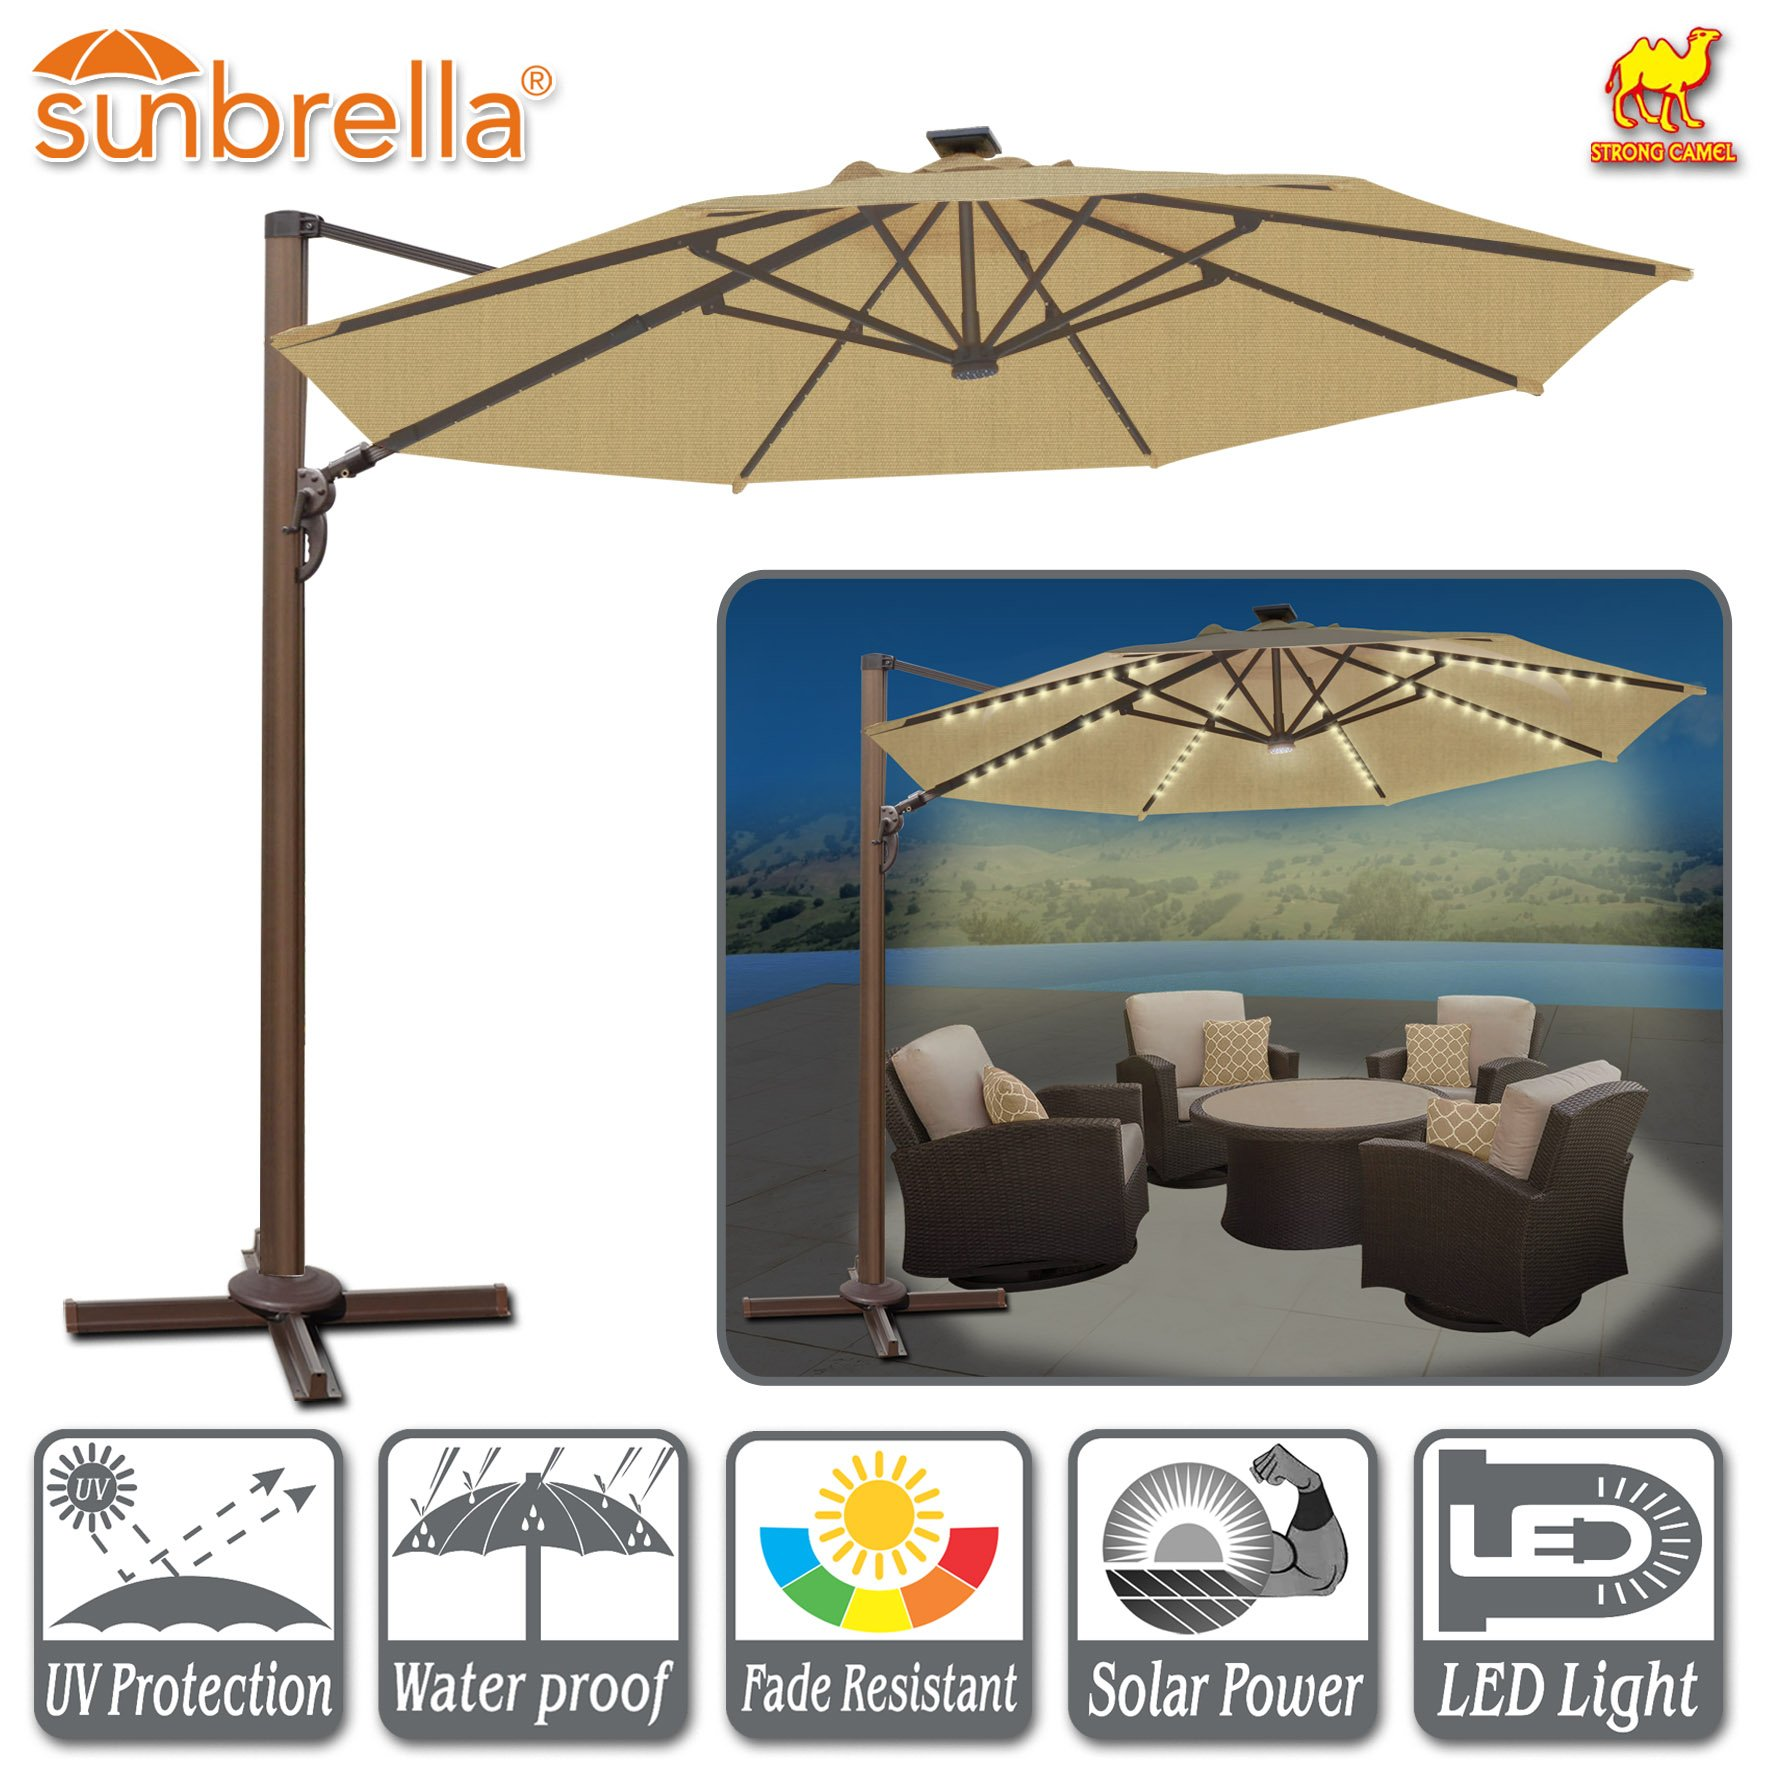 Strong Camel 11.5' Deluxe Cantilever Big Roma Umbrella Hanging Offset Solar Umbrella UV50+ Tilt & 360'C Rotation Patio Heavyduty Outdoor Sunshade Cantilever Crank SUNBRELLA Cover (Beige) by Strong Camel (Image #2)